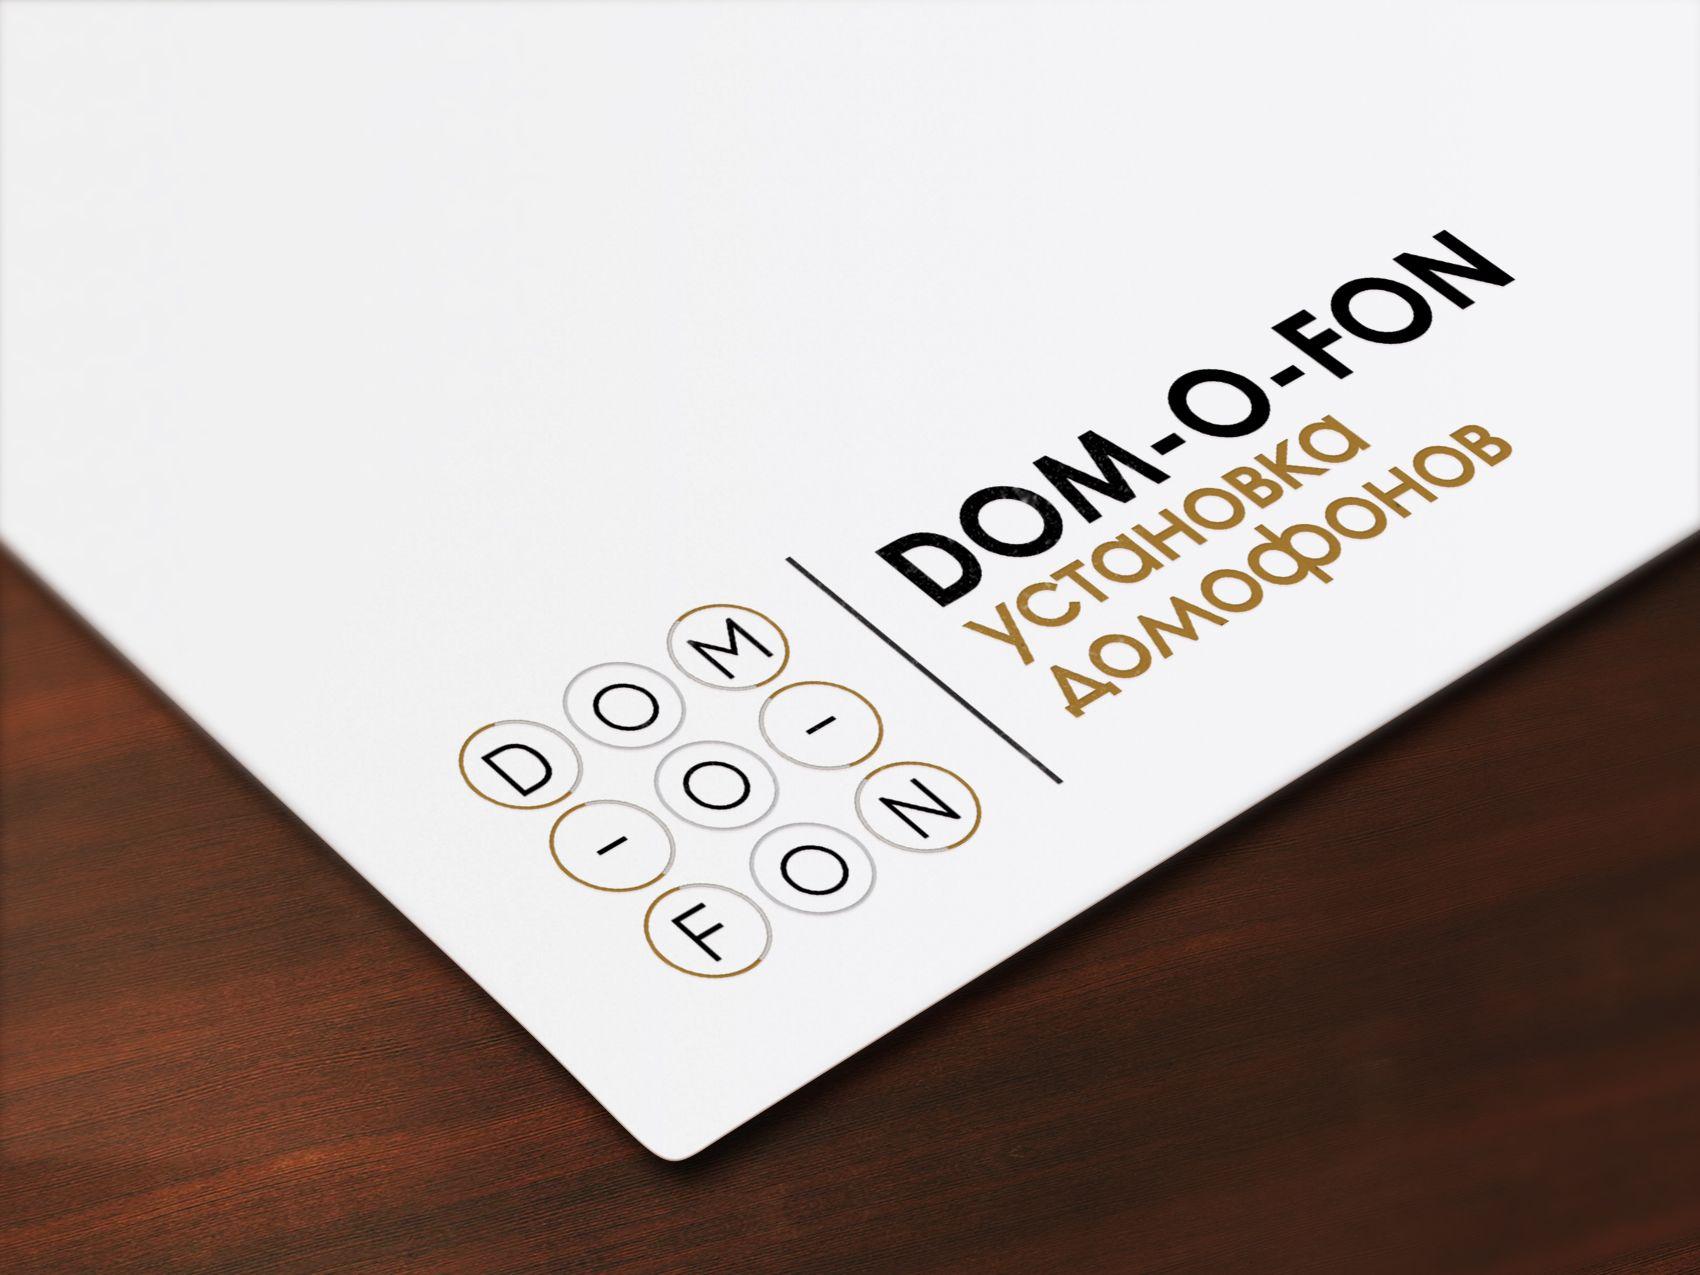 Логотип сайта по установке домофонов - дизайнер Vova045